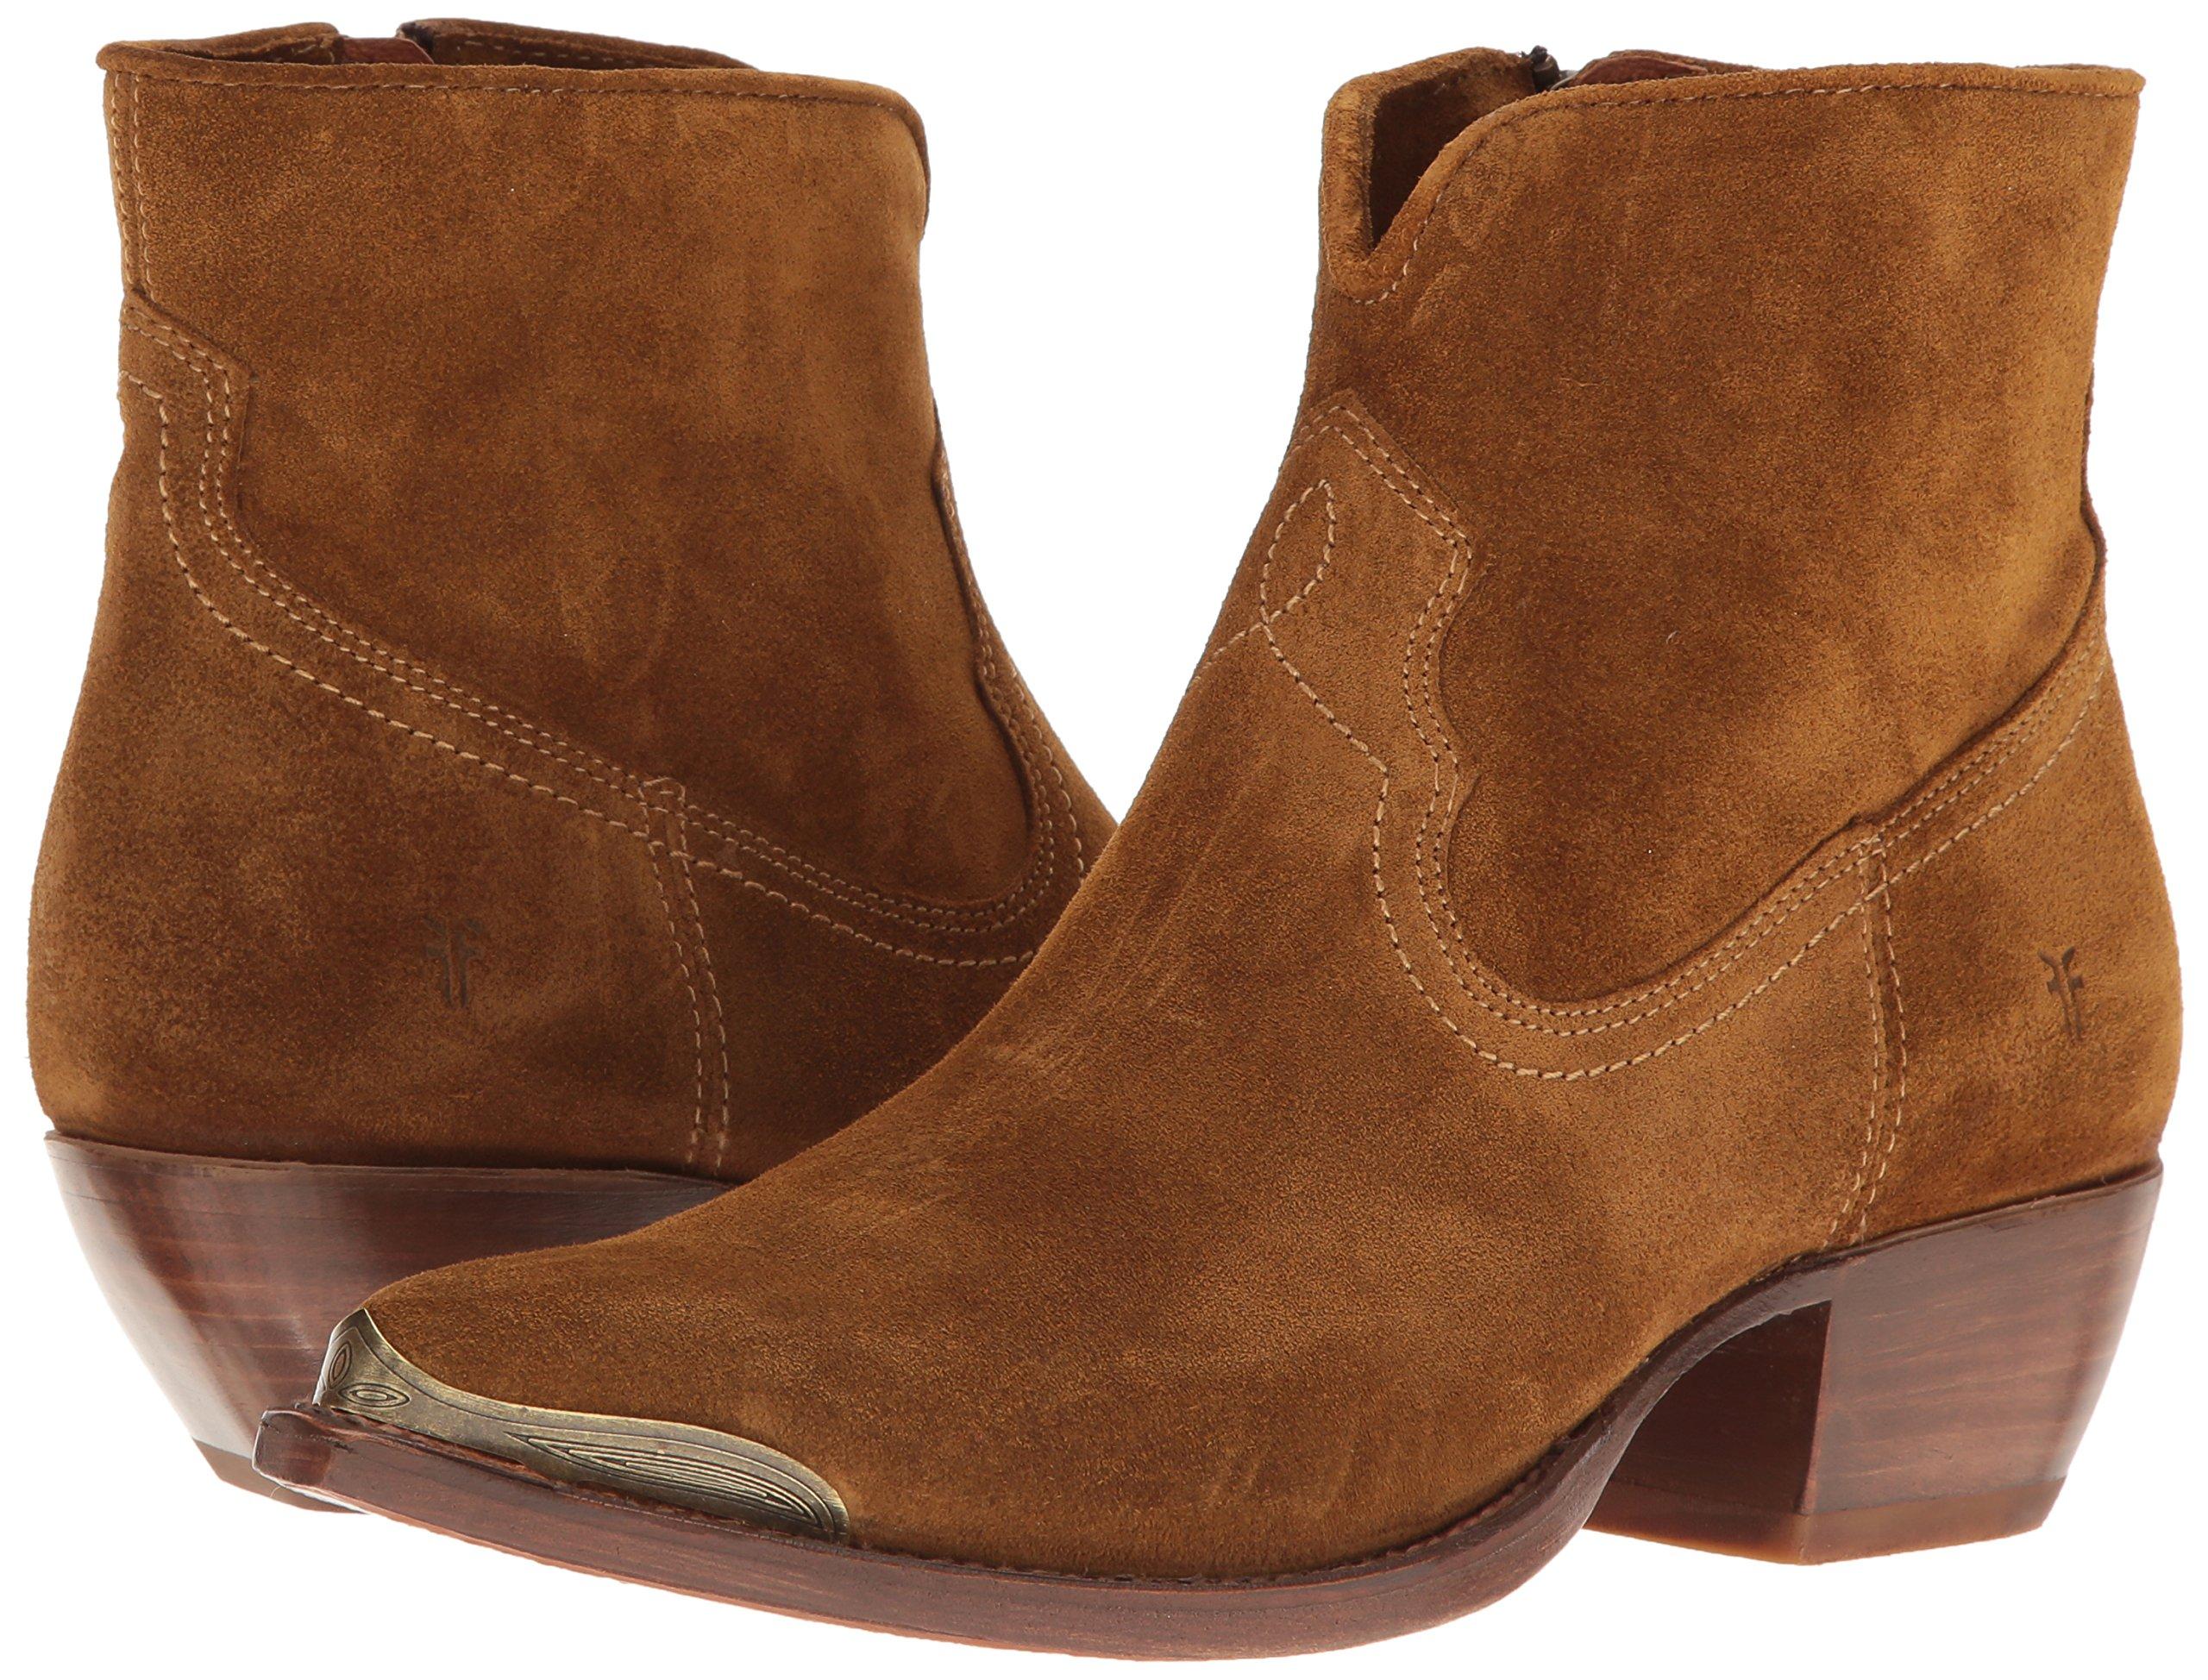 FRYE Women's Shane Tip Short Western Boot by FRYE (Image #6)